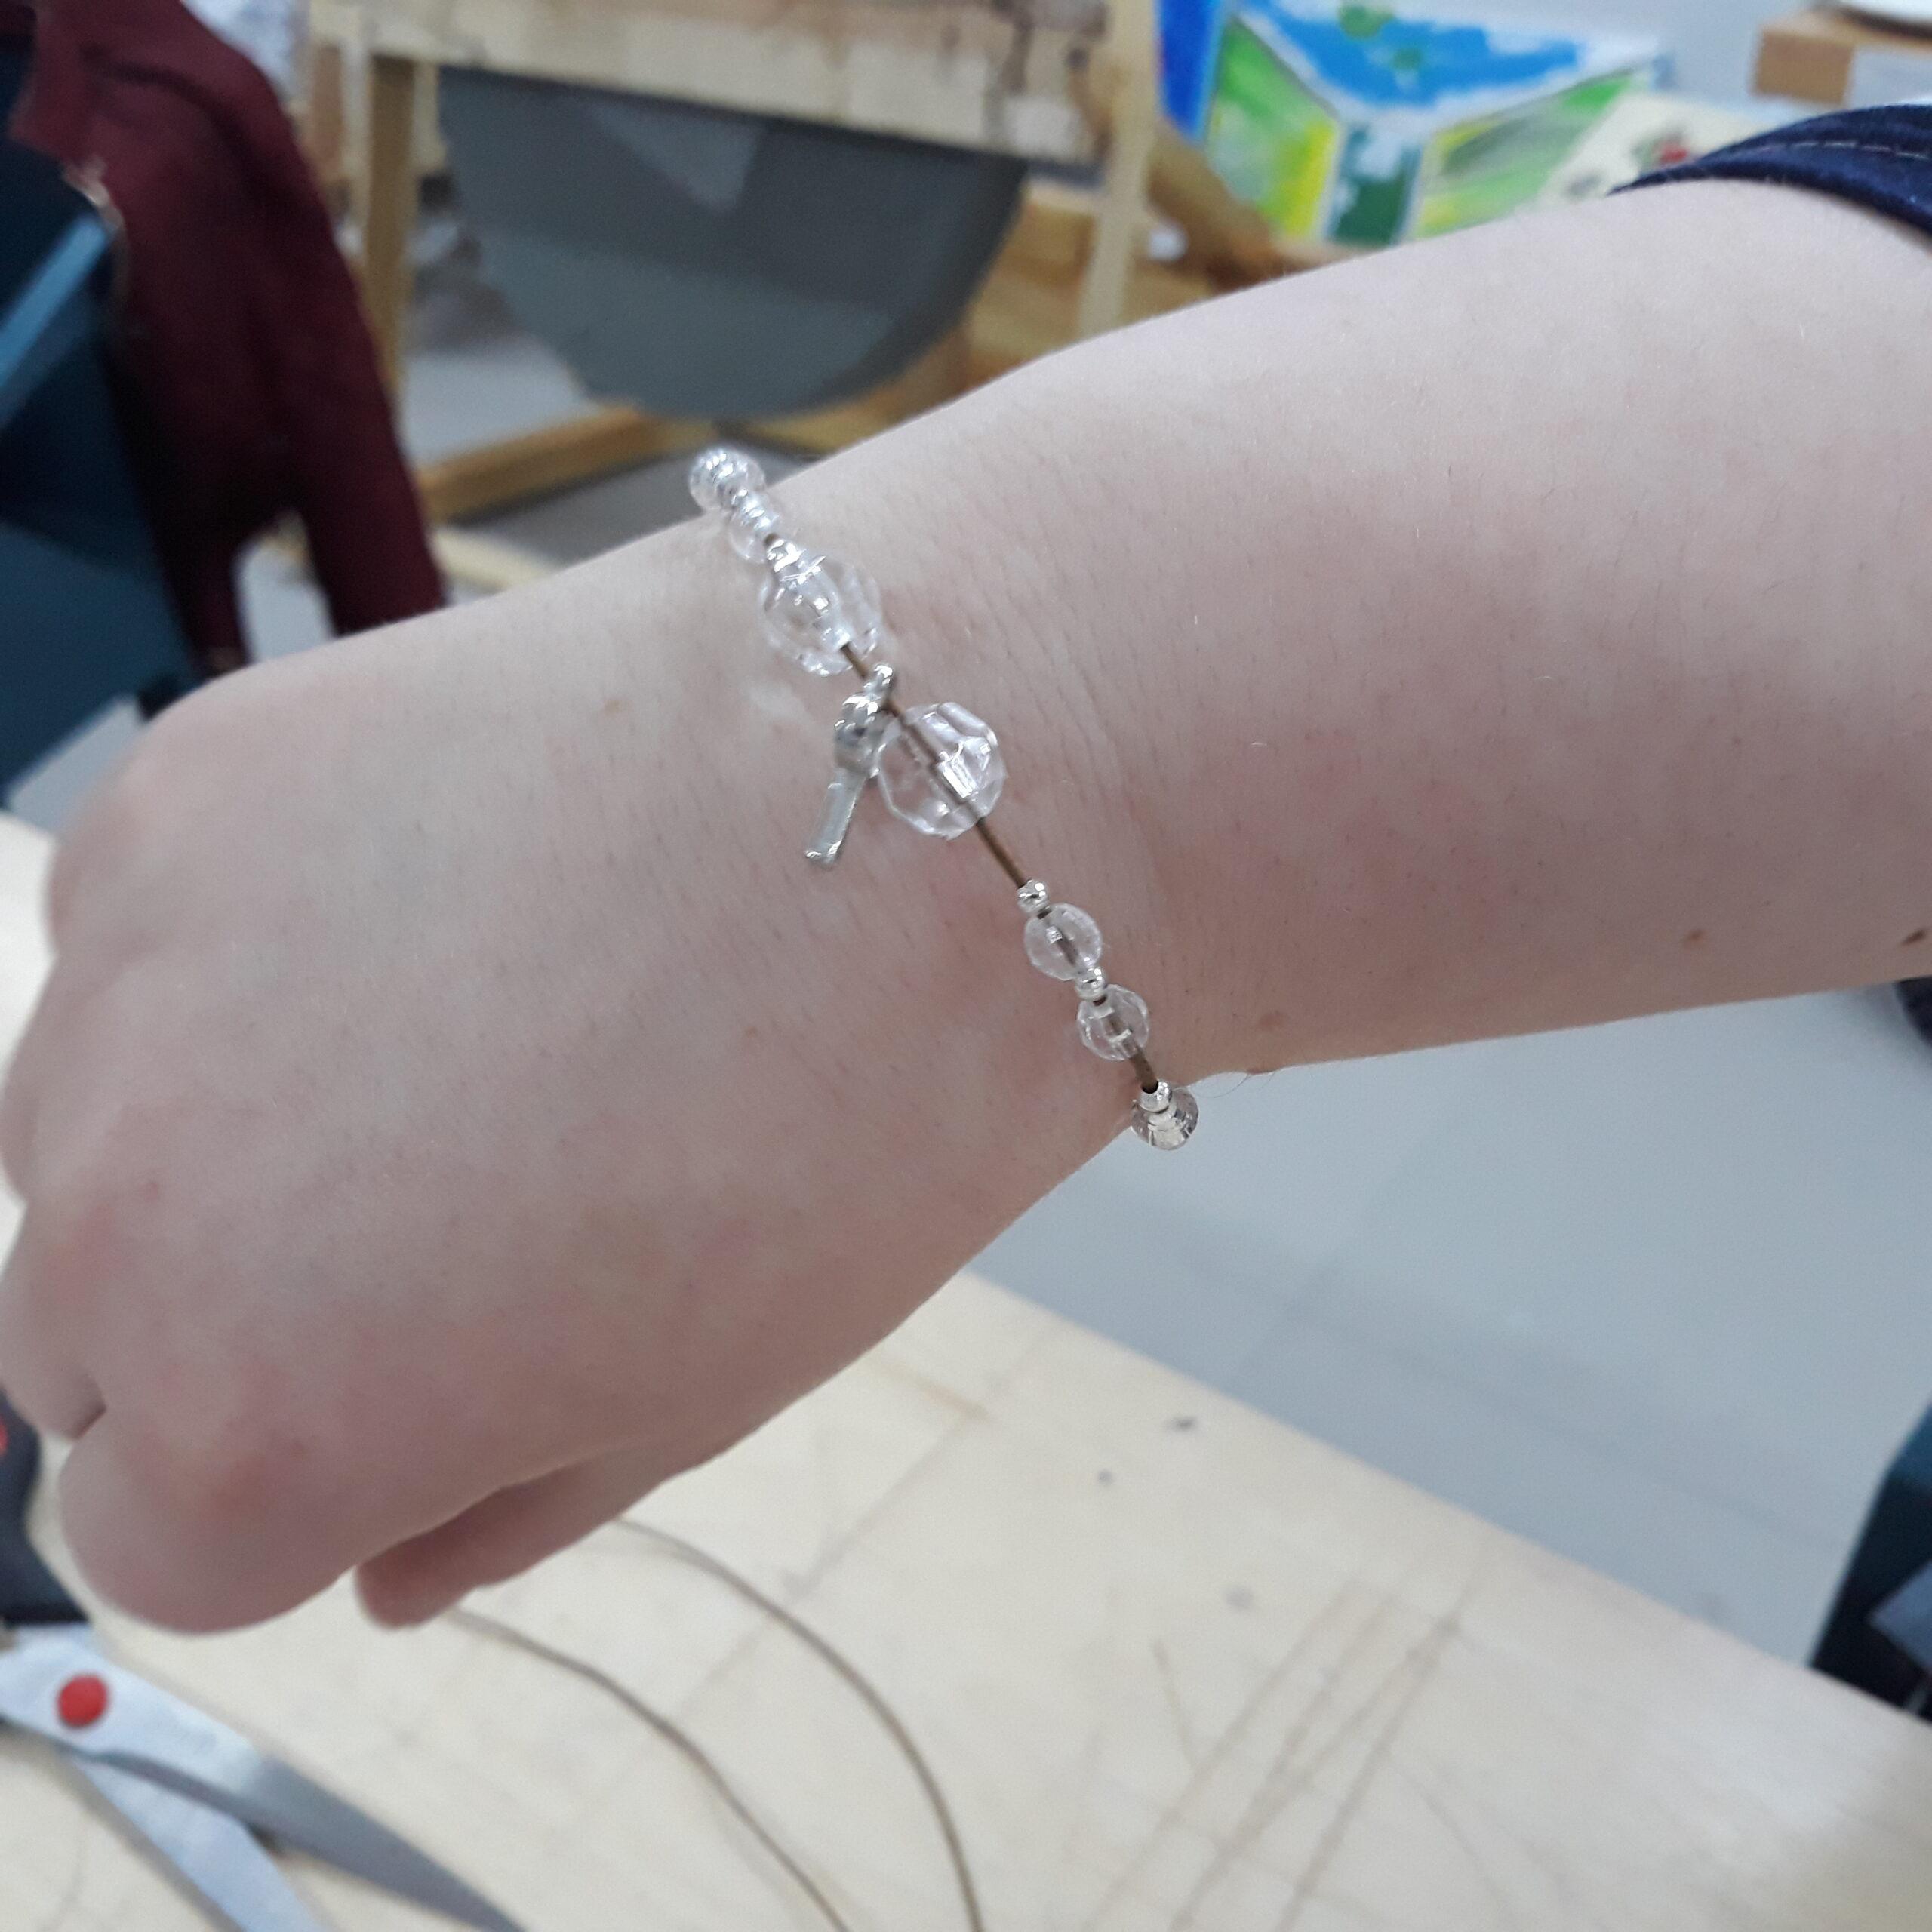 Bransoletka na ręce wykonana przez uczestnika